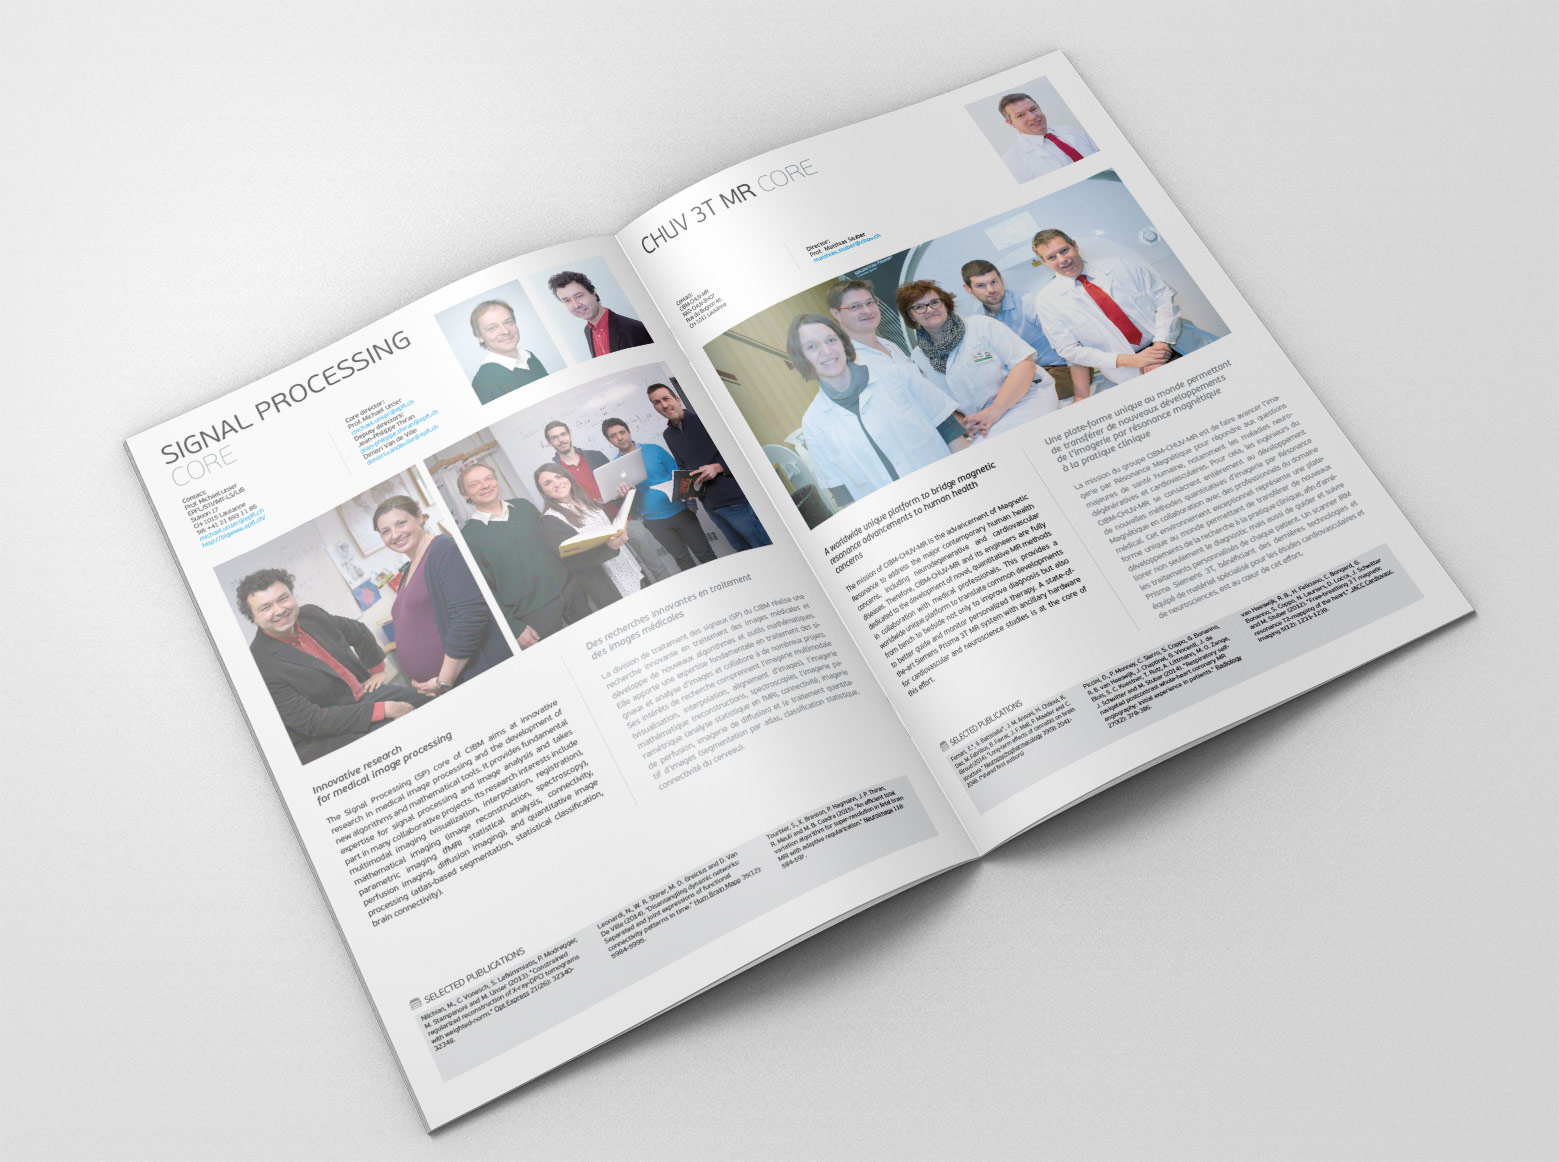 Plaquette CIBM - Centre d'imagerie biomédicale / 10 ans d'activité vue 3